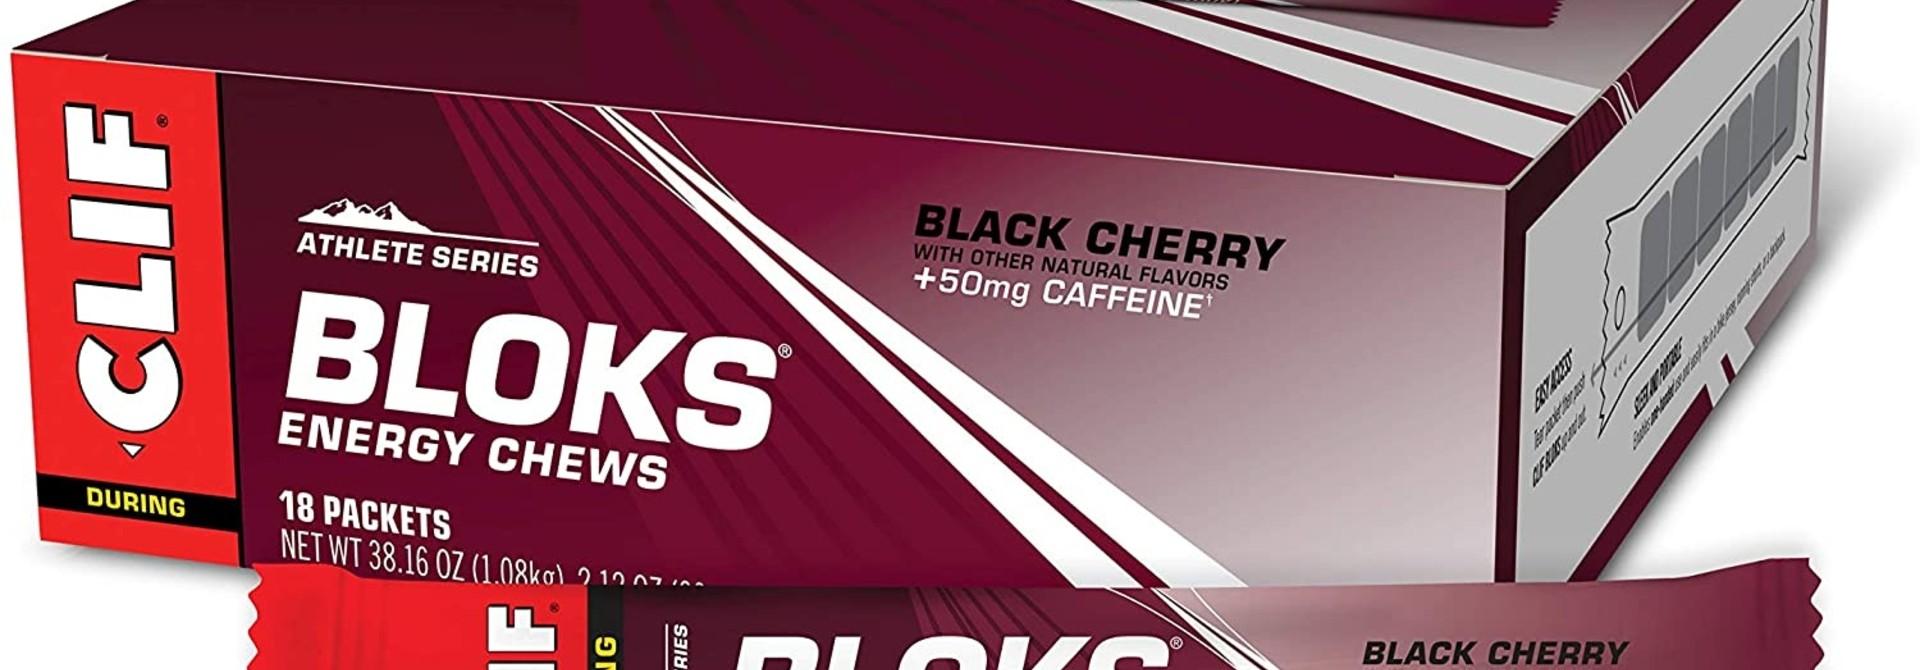 Clif, Bloks, Black Cherry With Caffeine, 18x60g